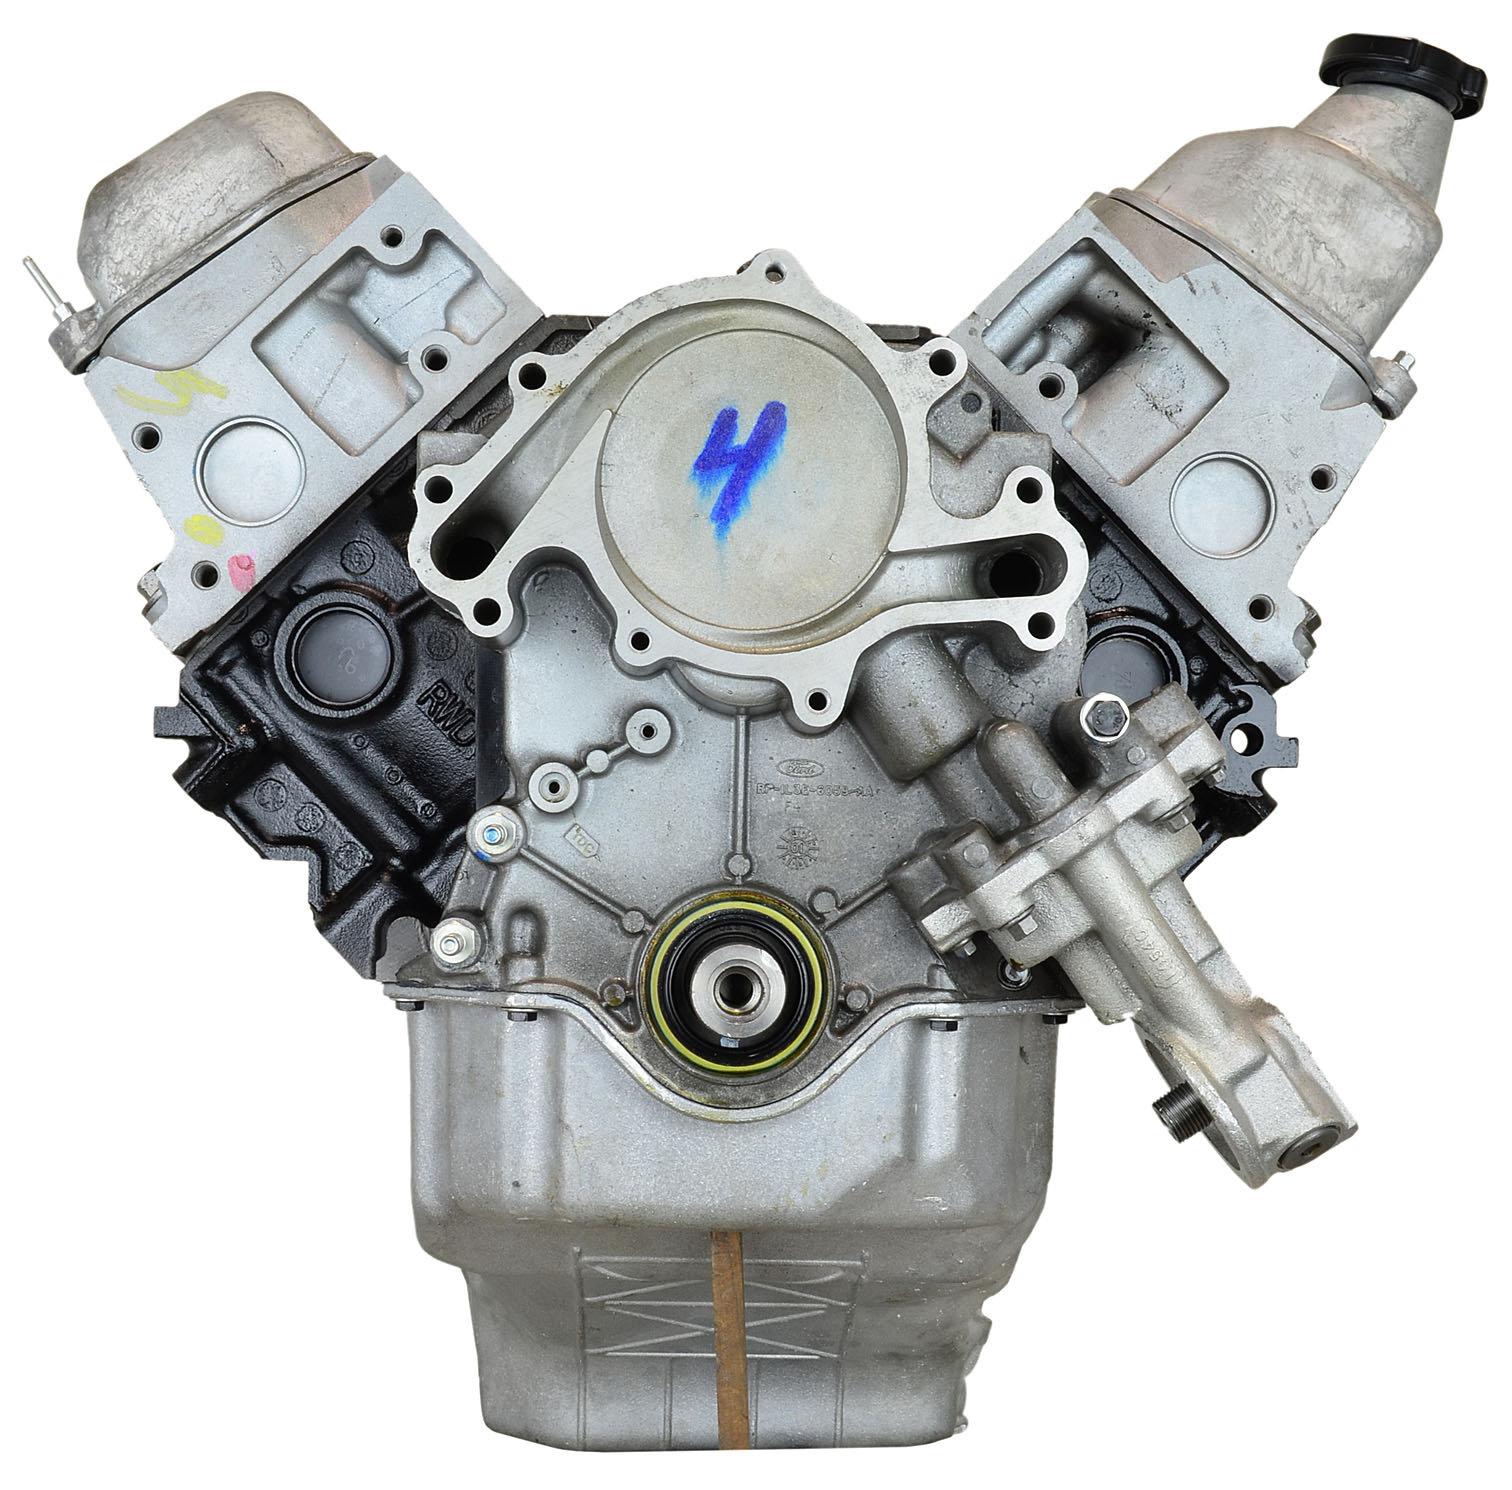 01-05 Ford 4.2-Liter V6 F150 & Van Engine Complete